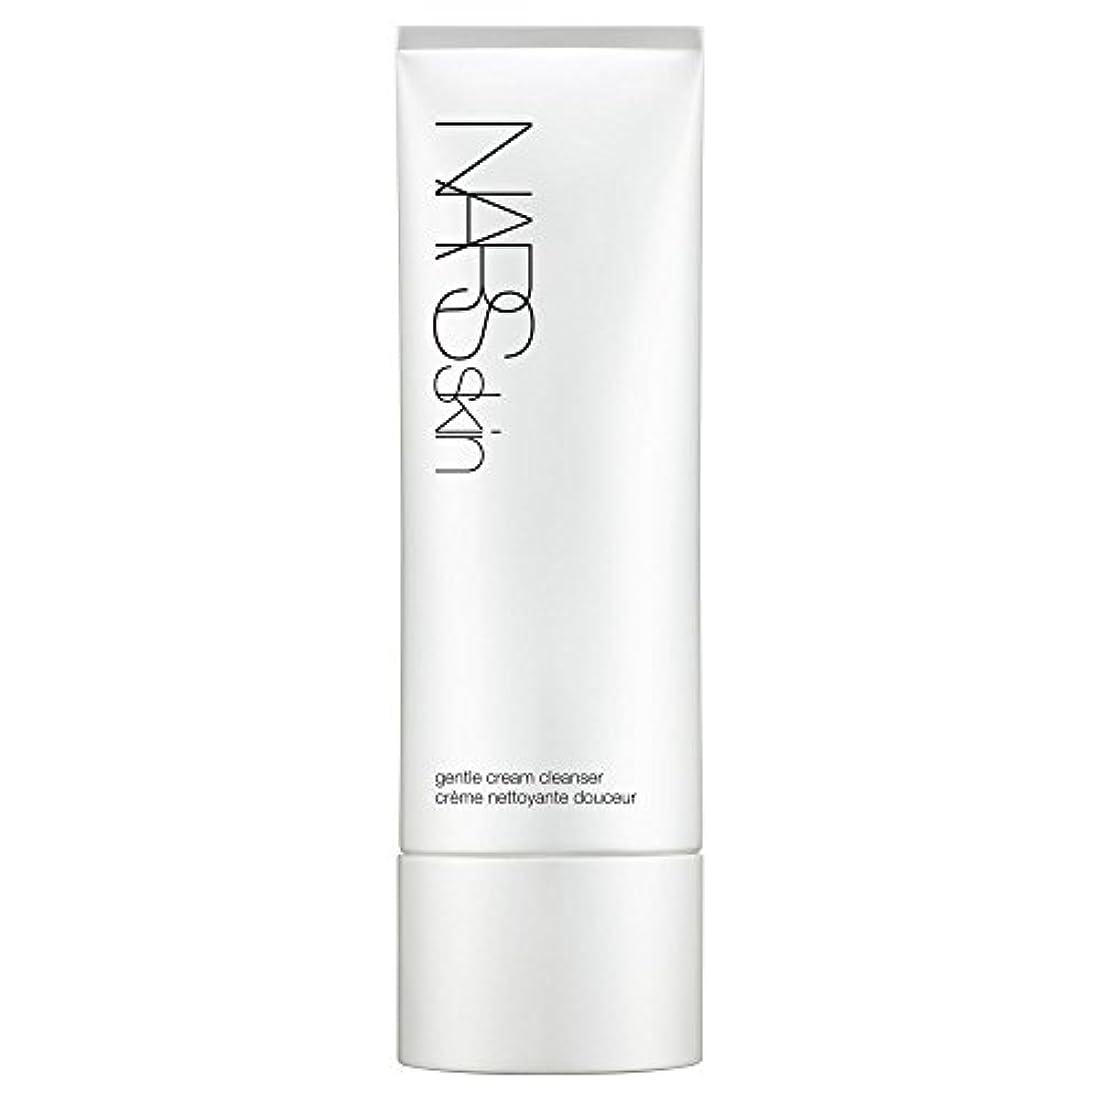 ためにさらに台無しに[NARS] Narsskin優しいクリームクレンザー、125ミリリットル - Narsskin Gentle Cream Cleanser, 125ml [並行輸入品]